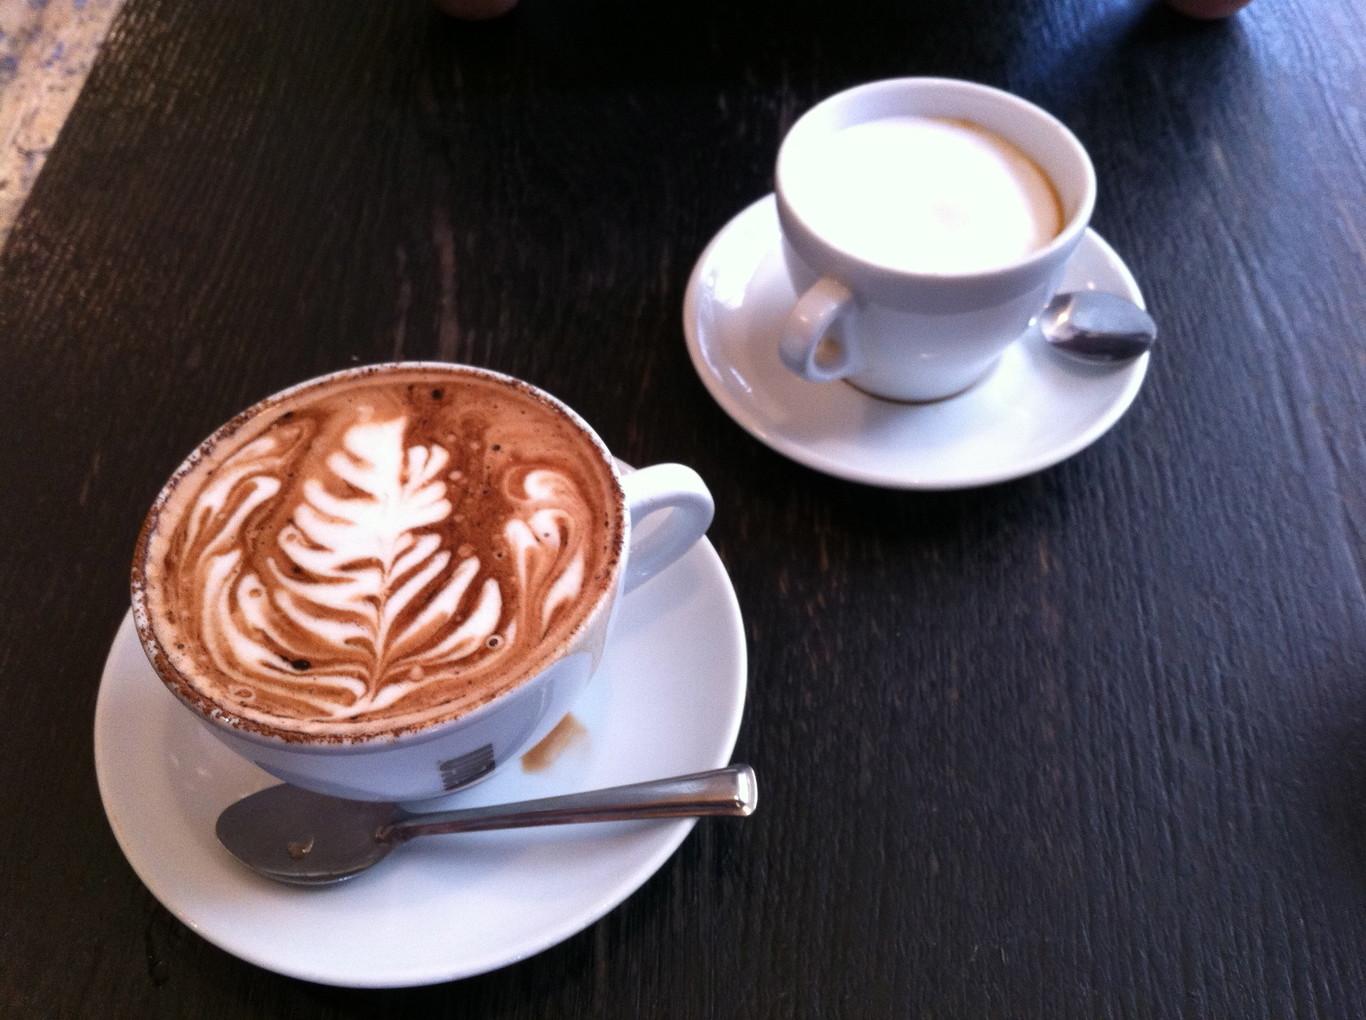 Si tomas café tal vez pierdas peso (pero tienes que tomar mucho)